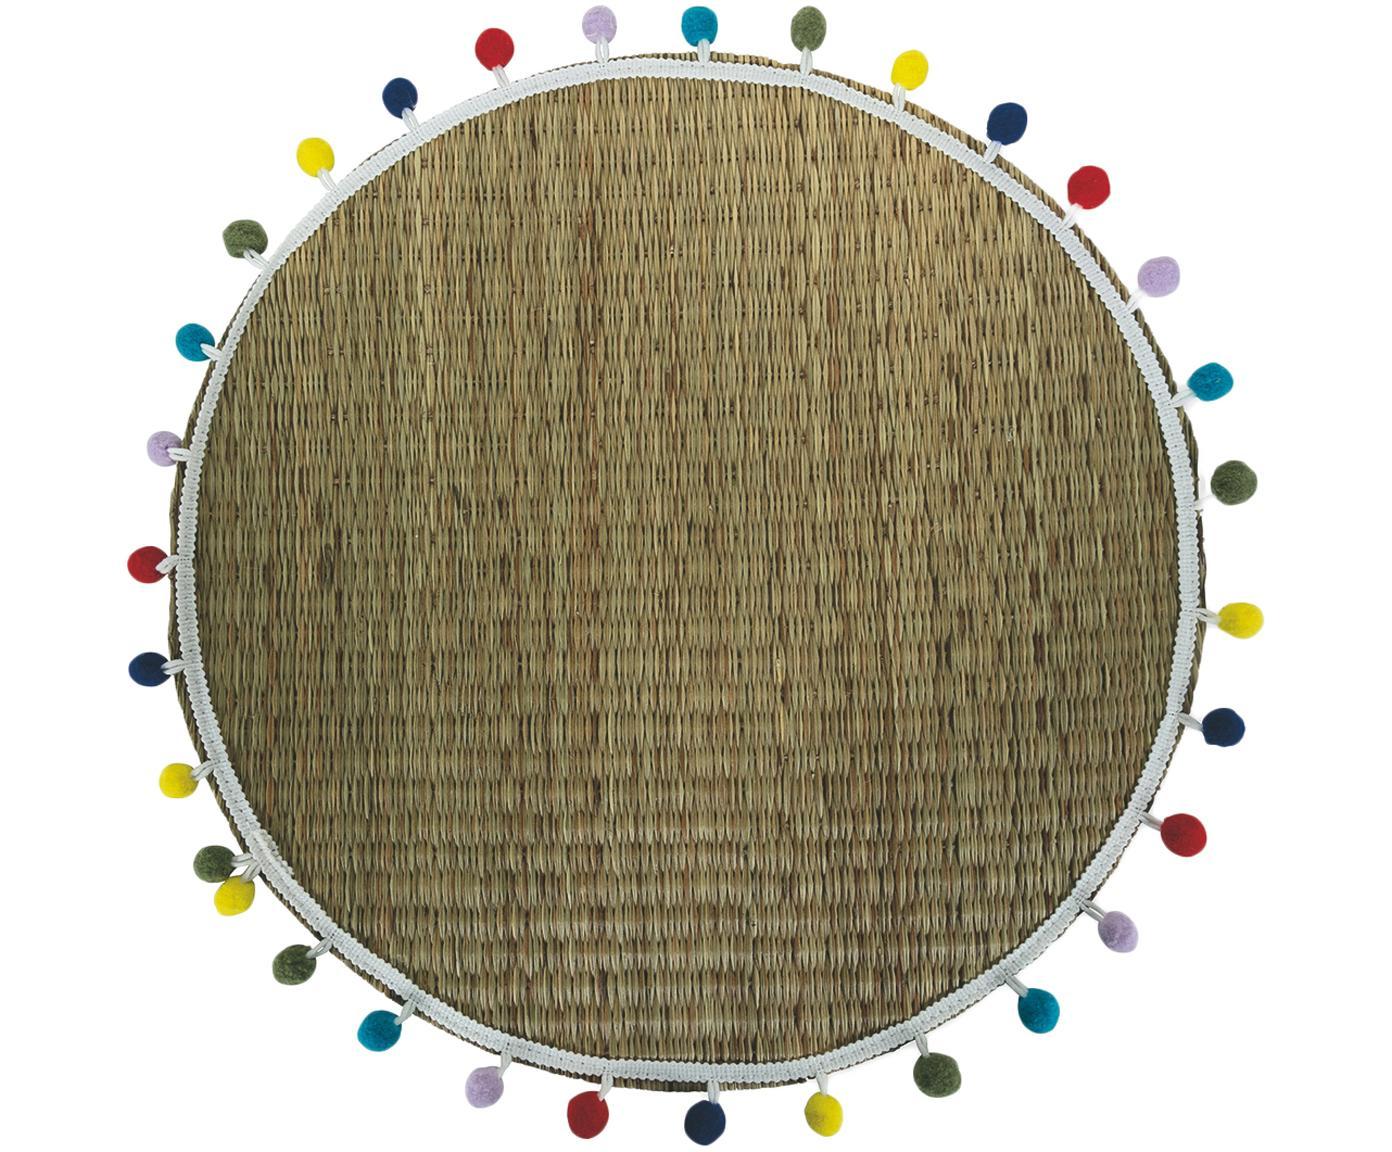 Okrągła podkładka z pomponami Mexico, 2 szt., Rafia, Beżowy, wielobarwny, Ø 38 cm